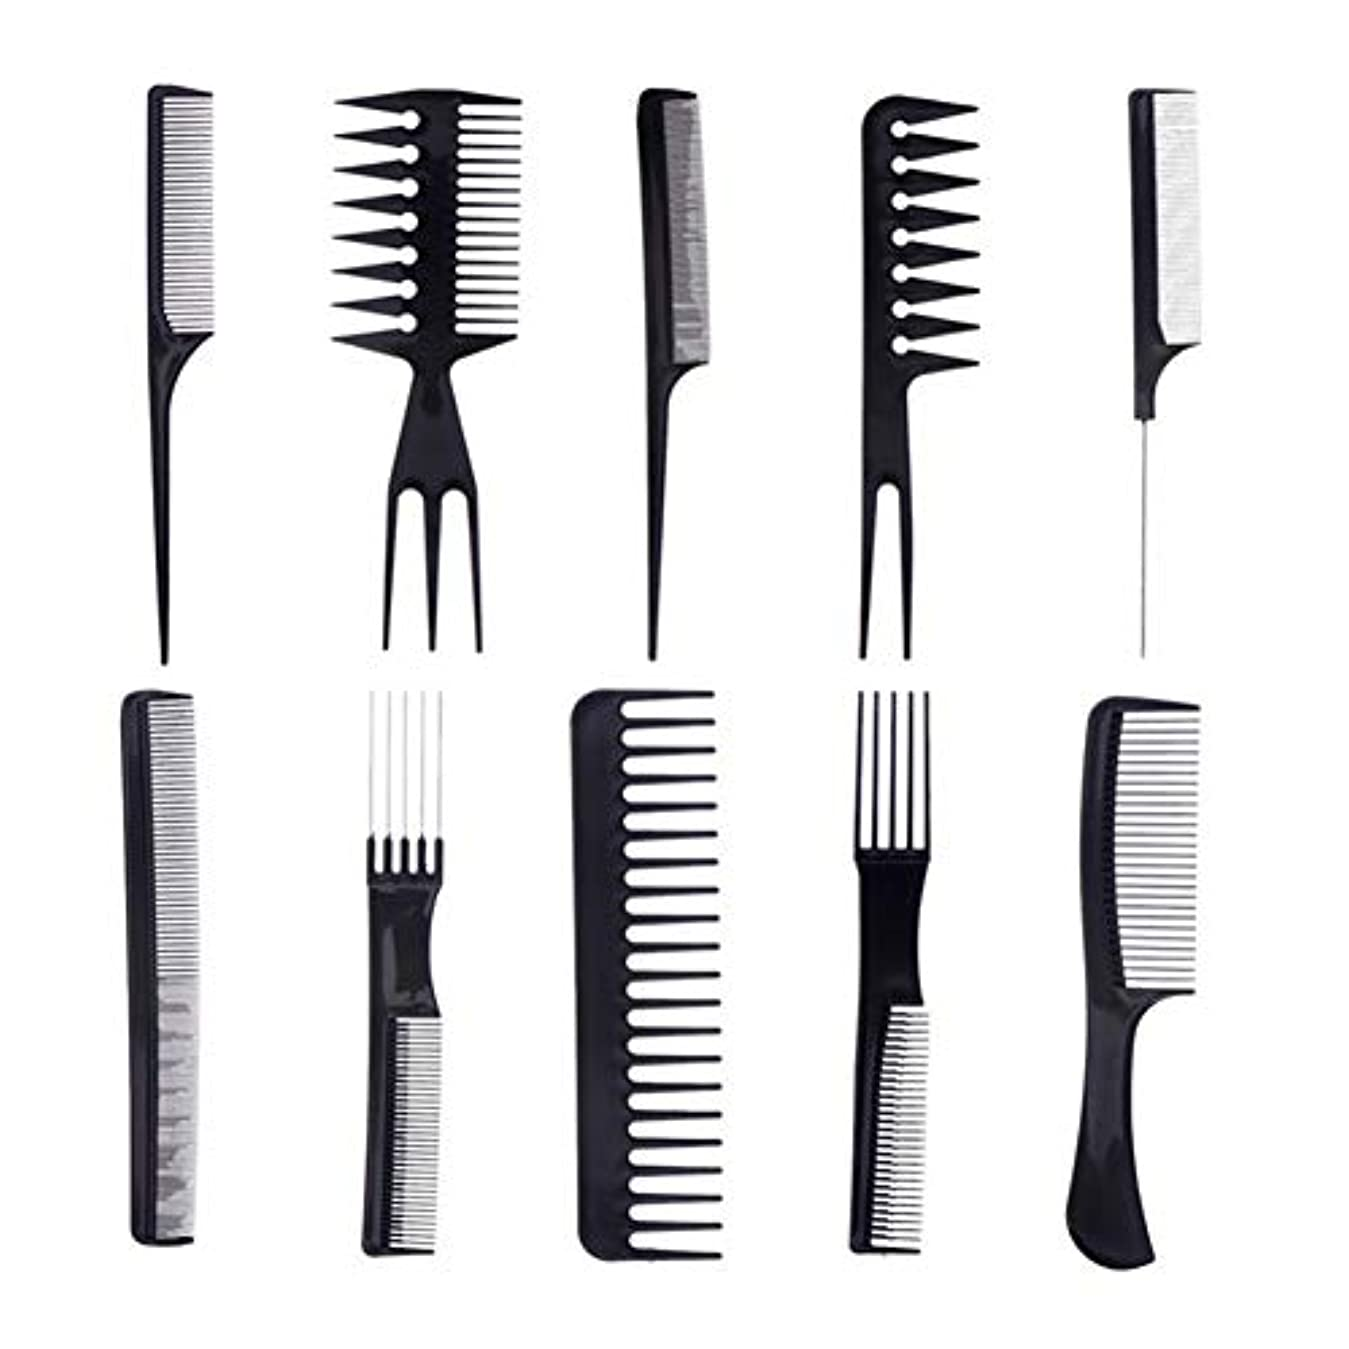 深めるエキスどちらかプロの櫛静電気防止コームのヘアーサロンビューティーサロンスタイリングツールや髪のすべてのタイプ(黒)の10 /セット